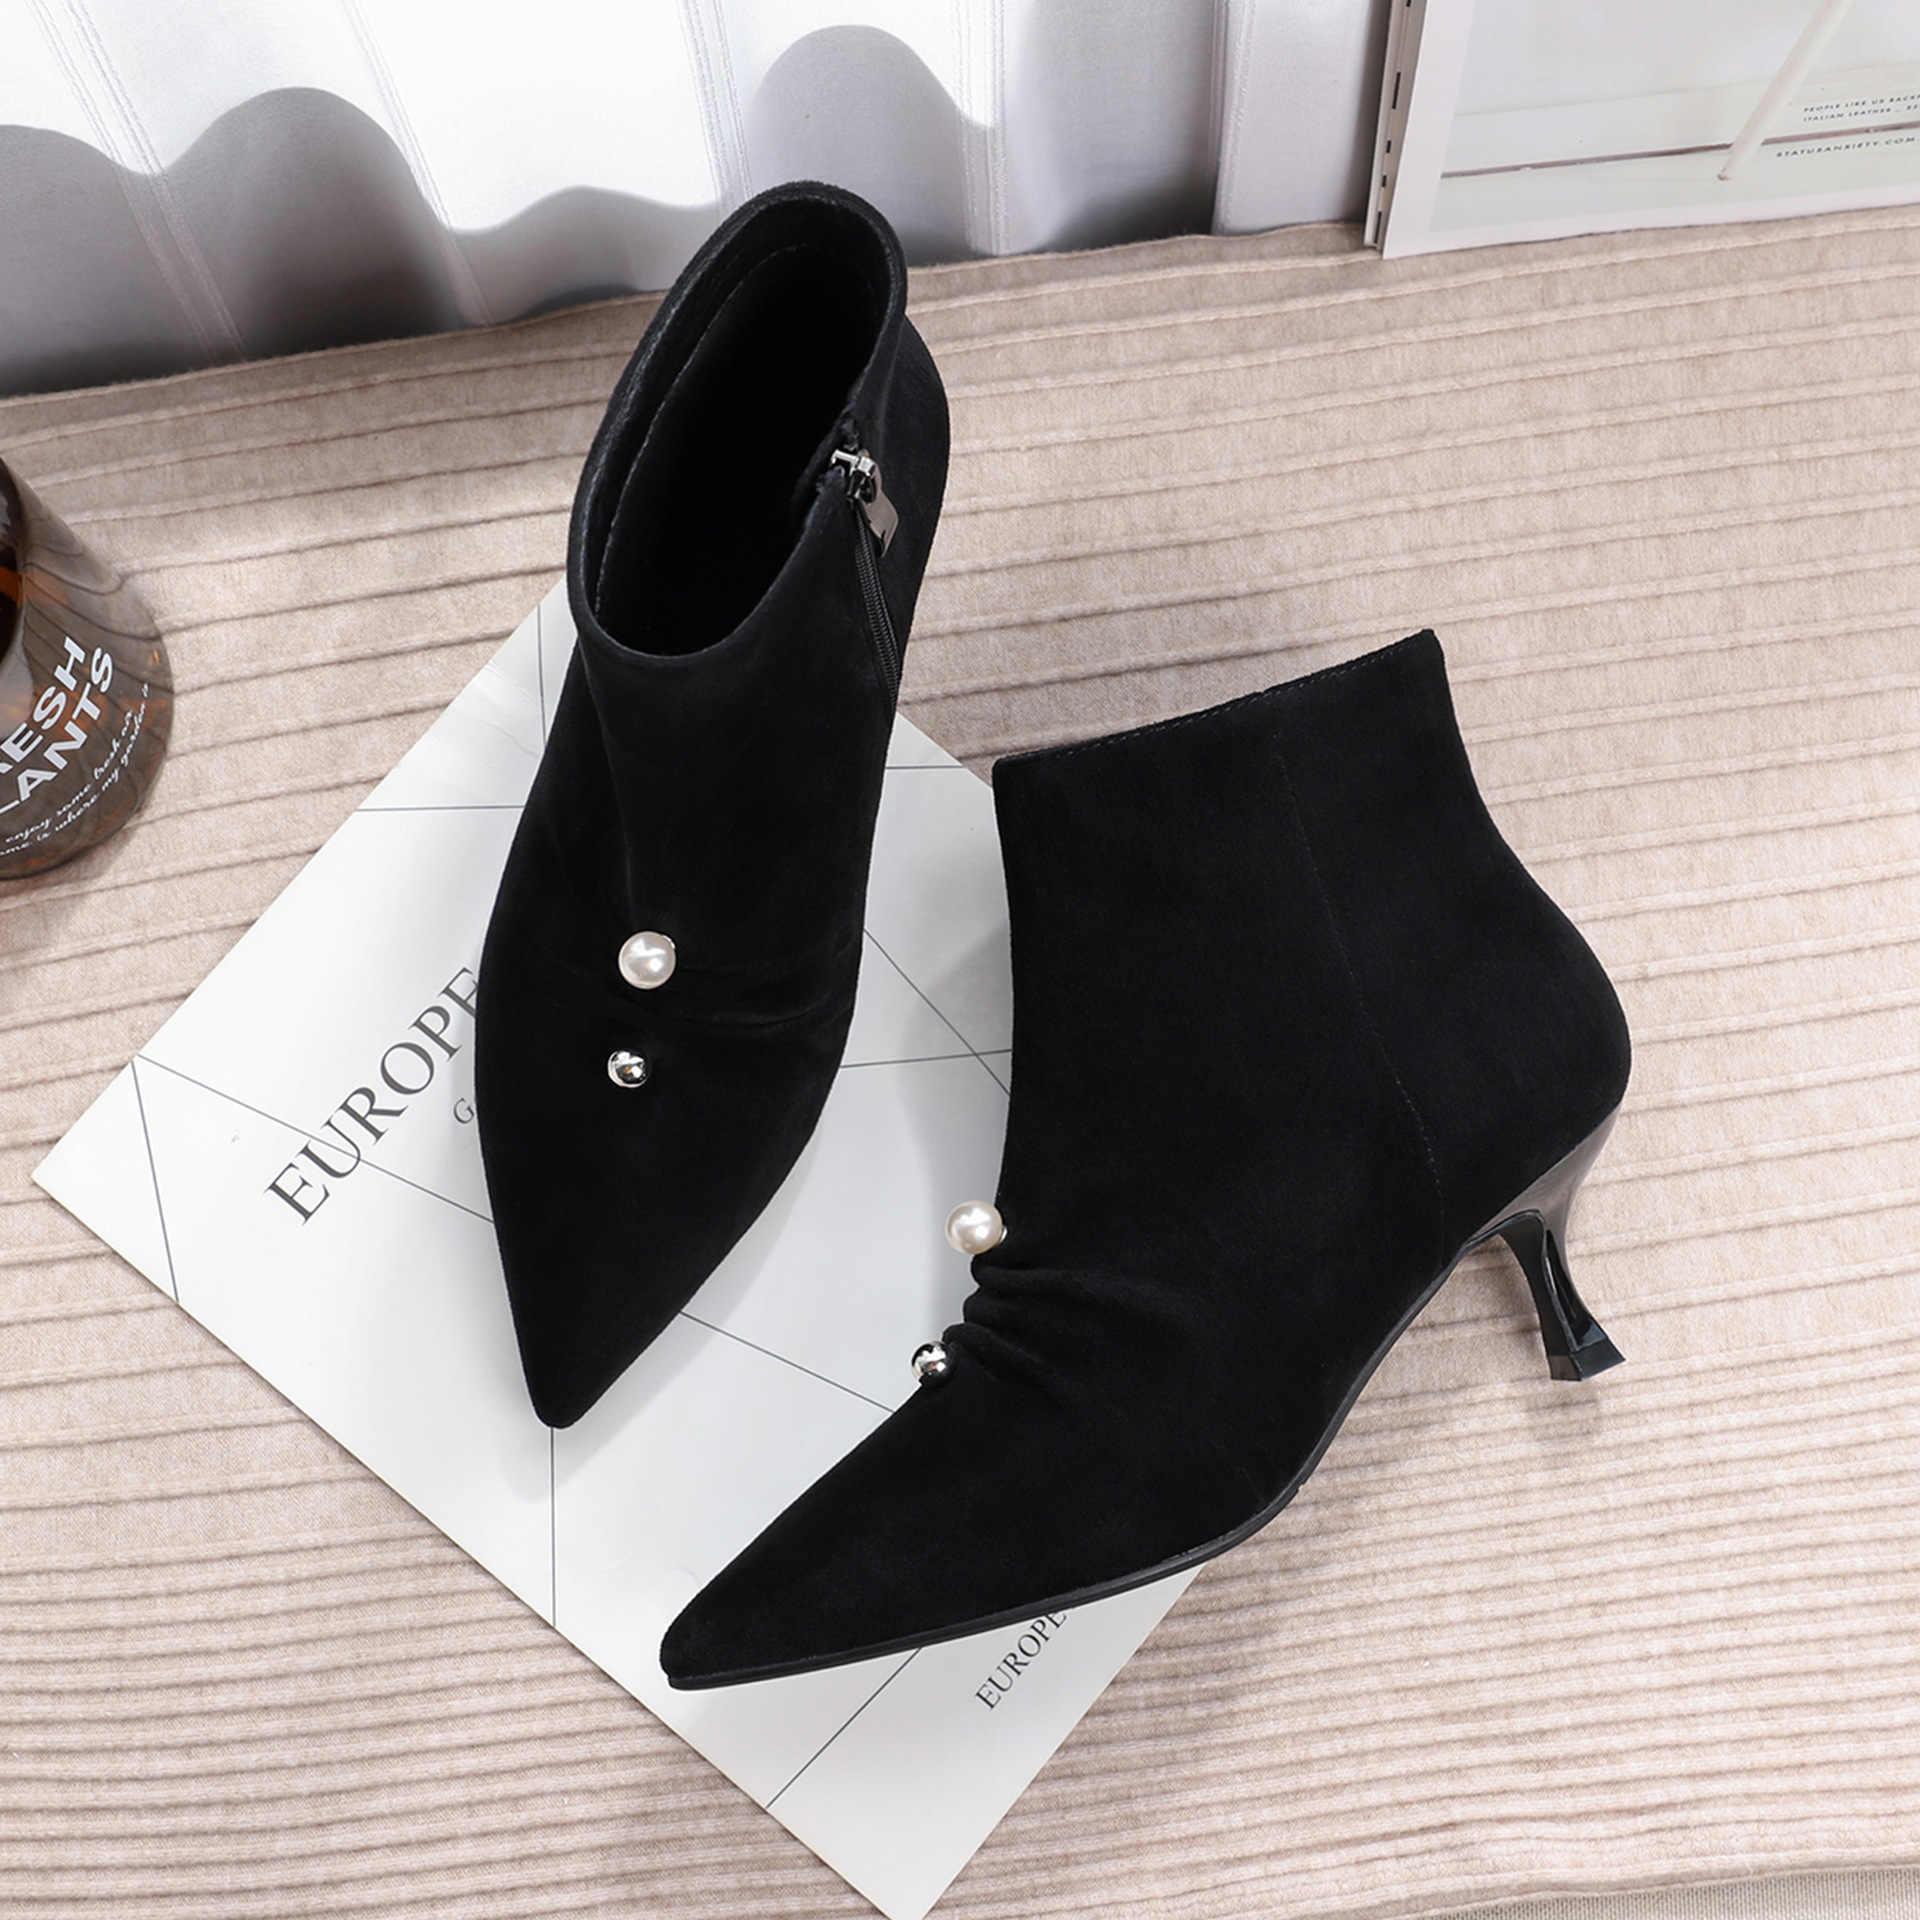 Femmes bottes femme chaussures 2019 nouveau troupeau perle décoration côté fermeture éclair bout pointu talon haut mince noir mince talons printemps automne